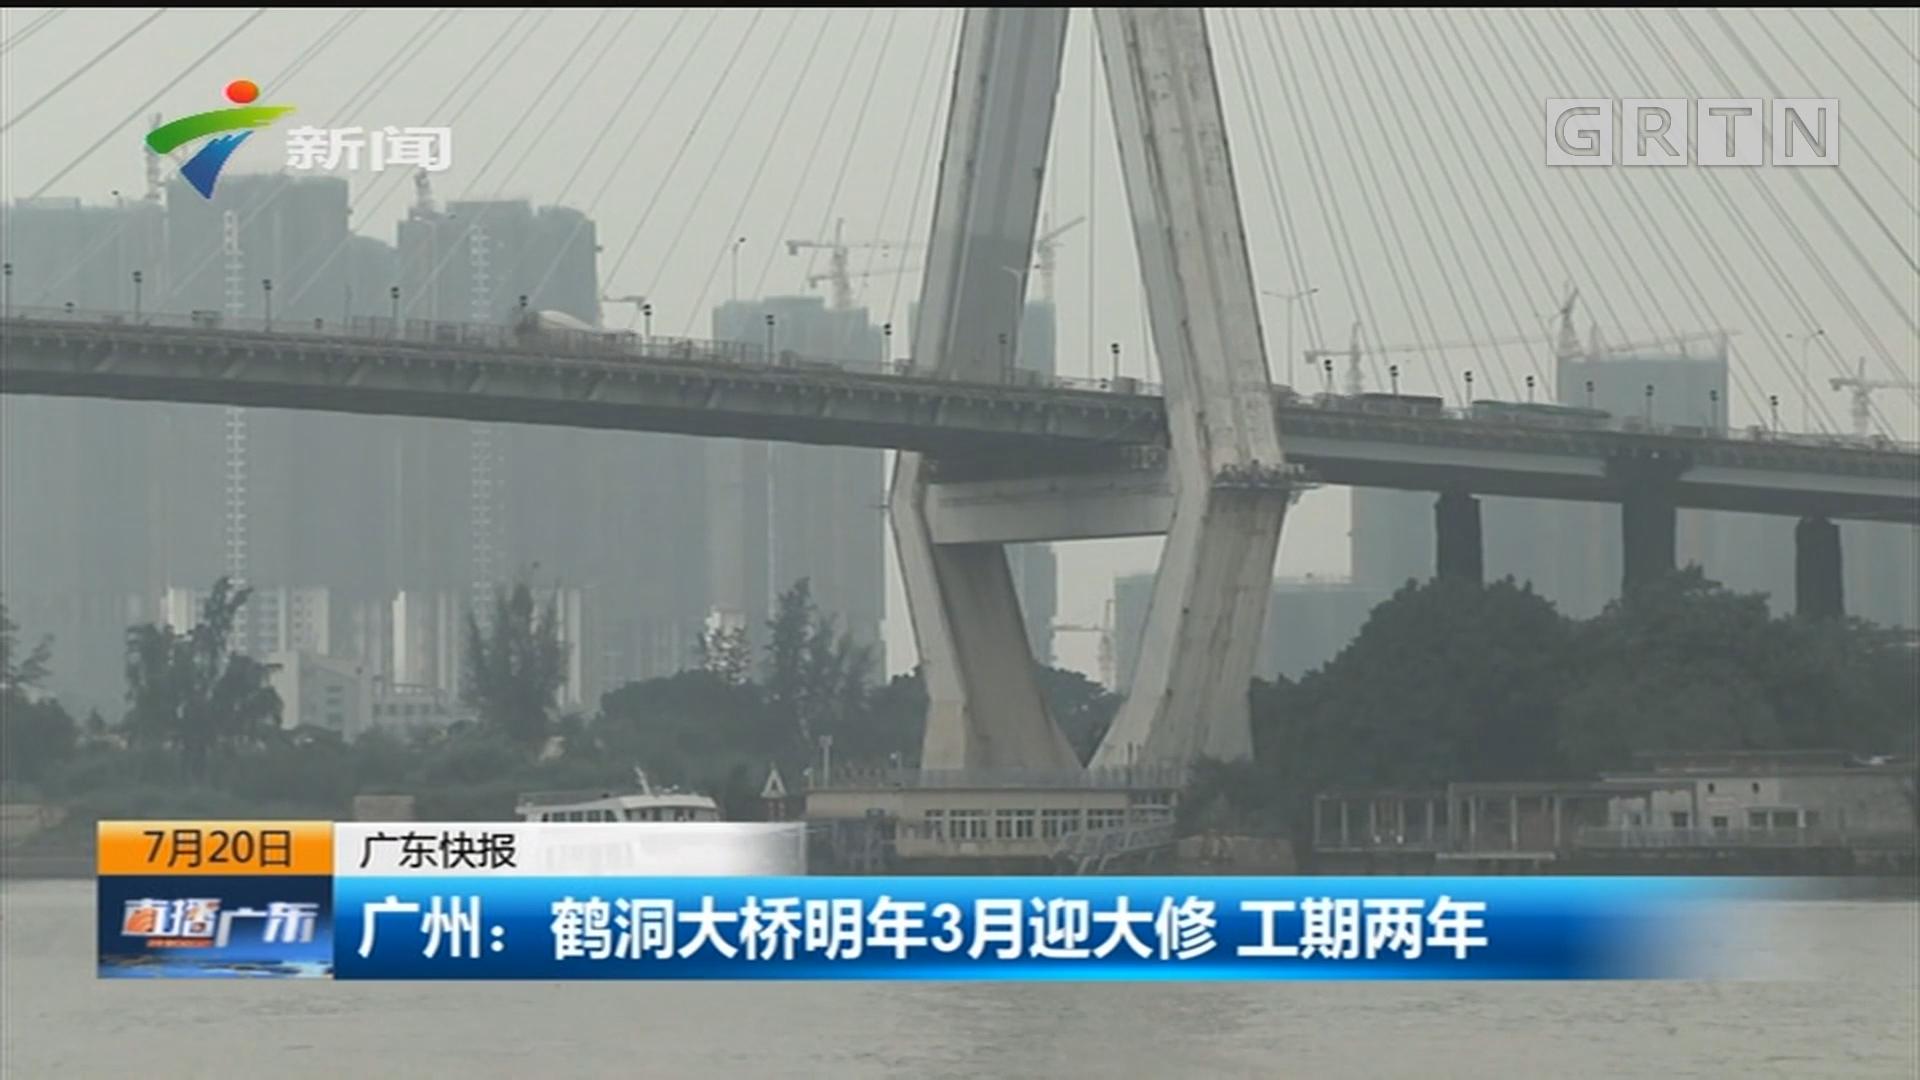 广州:鹤洞大桥明年3月迎大修 工期两年